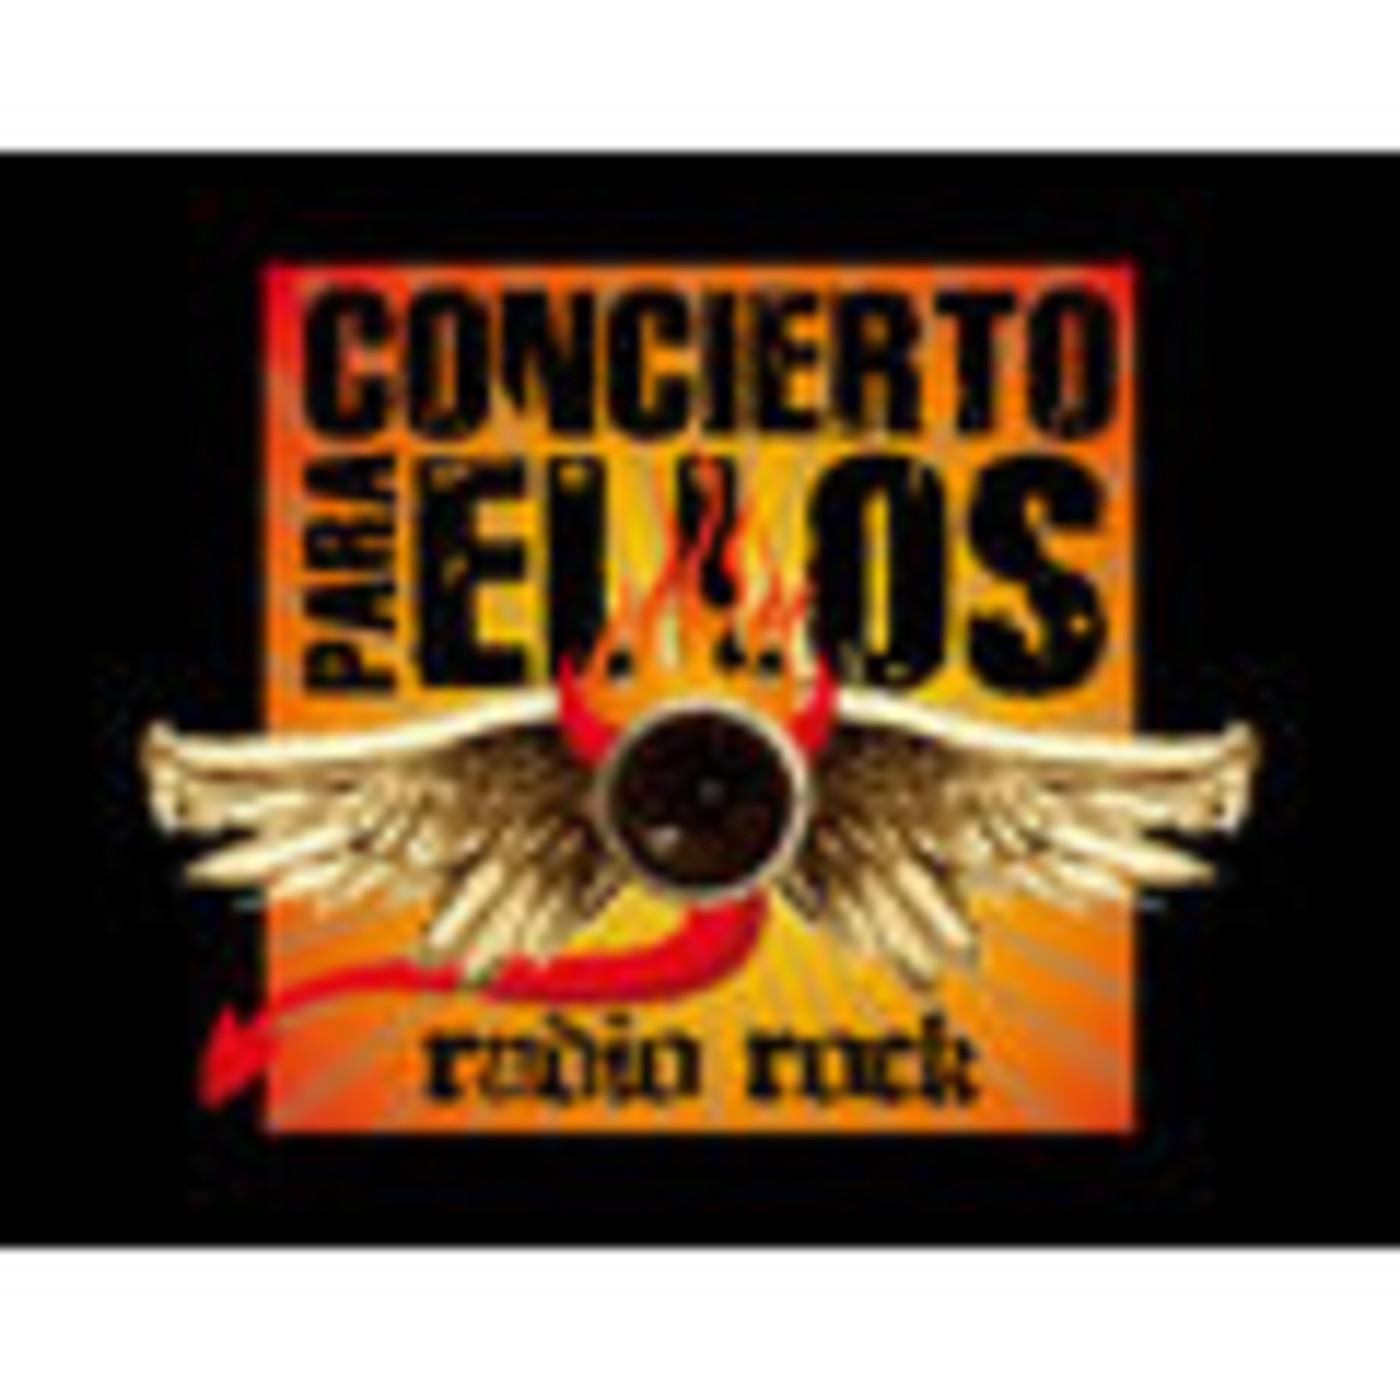 Concierto para ell@s radio